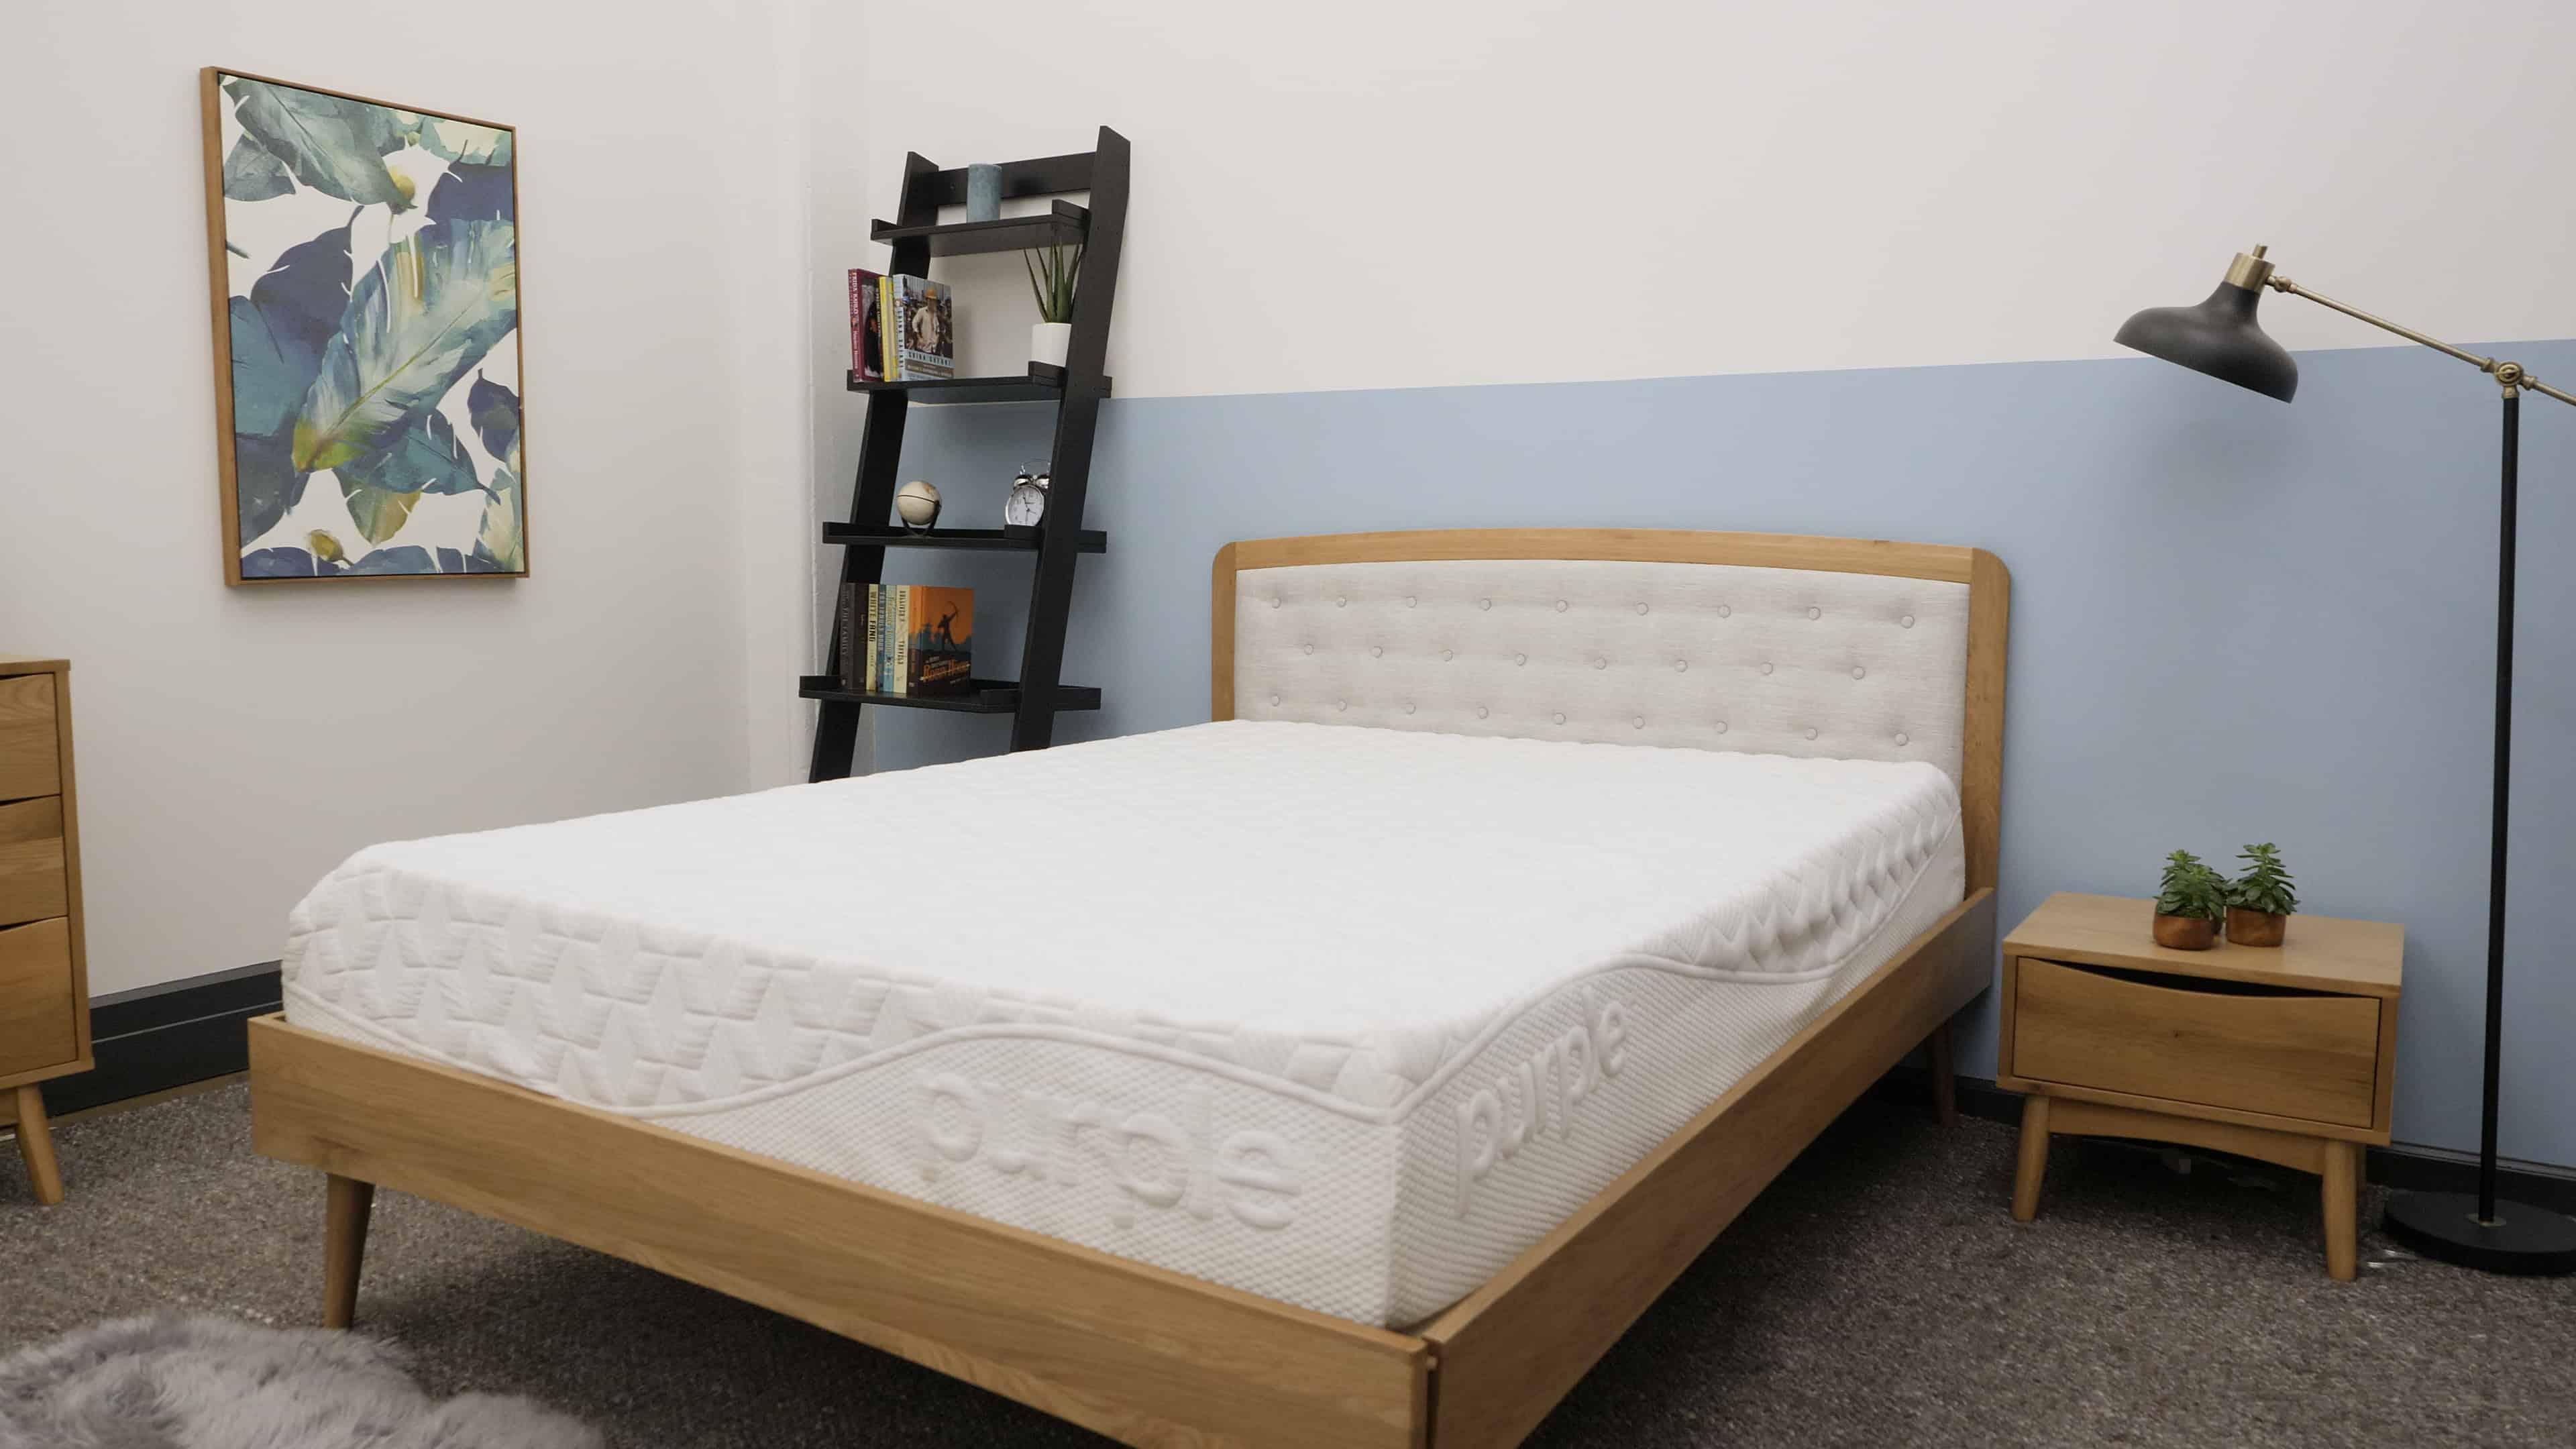 Mattress Firmness Guide Sleepopolis